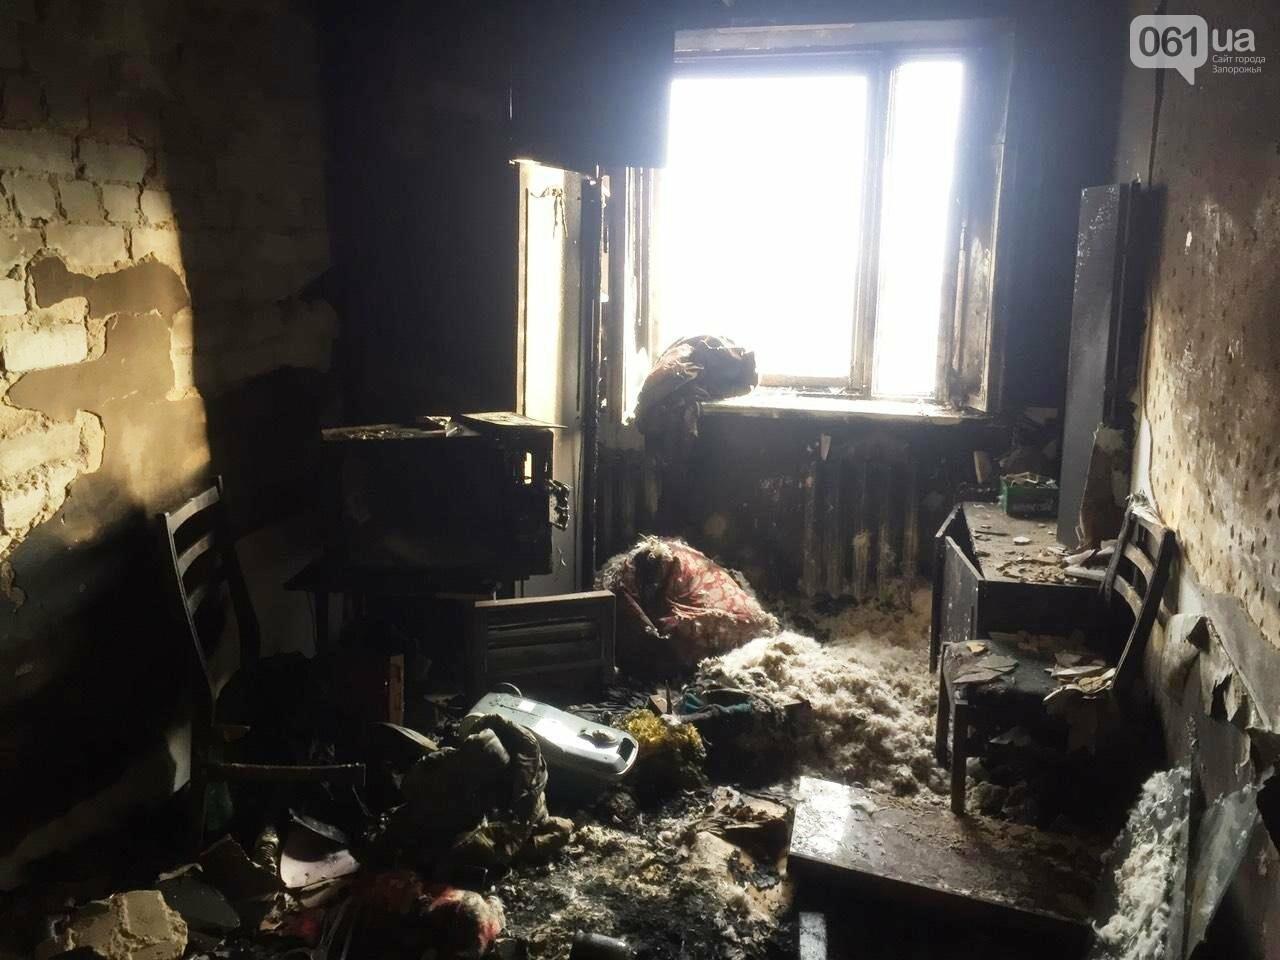 В Запорожье на пожаре погибло два человека, - ФОТО, фото-3